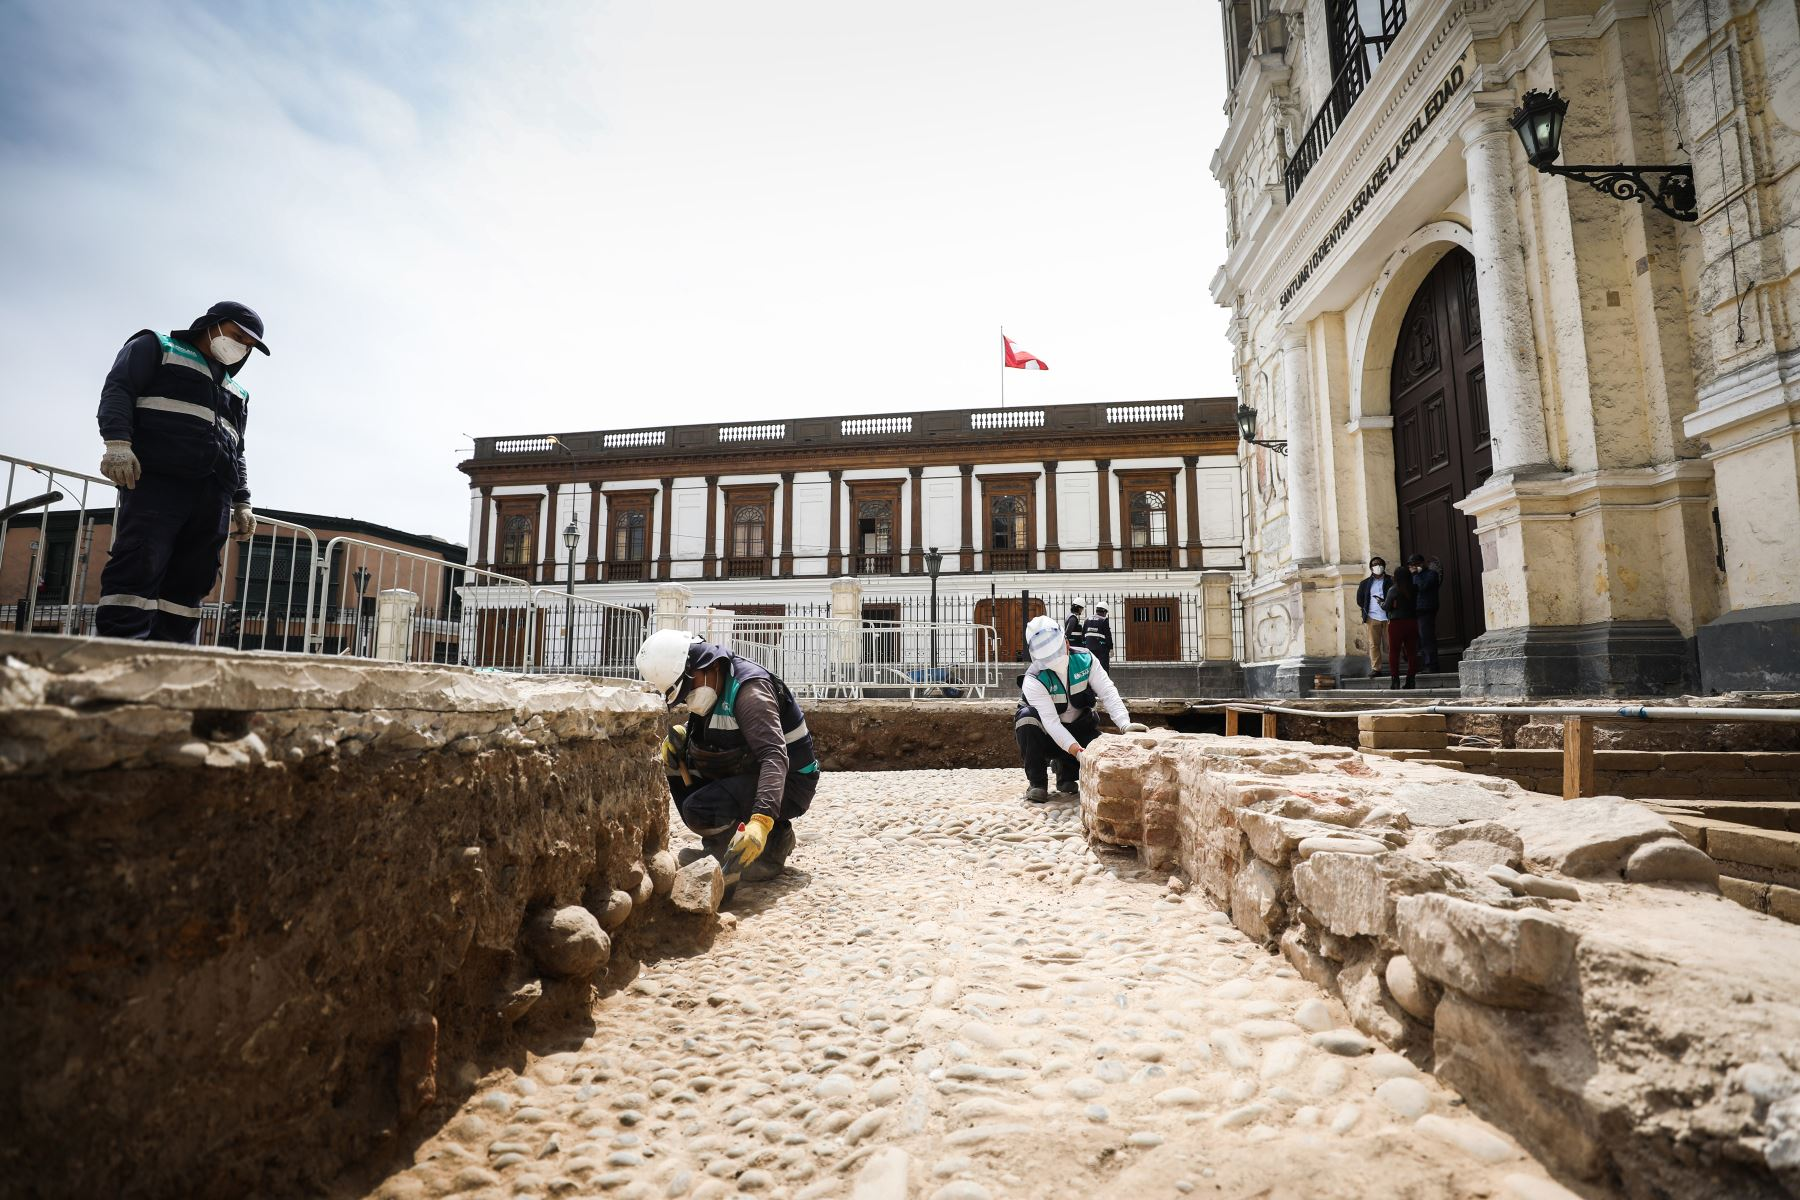 La comuna capitalina precisó que las evidencias encontradas serán incorporadas en el proyecto de recuperación integral del espacio público que se iniciará el año próximo. Foto: ANDINA/Municipalidad de Lima